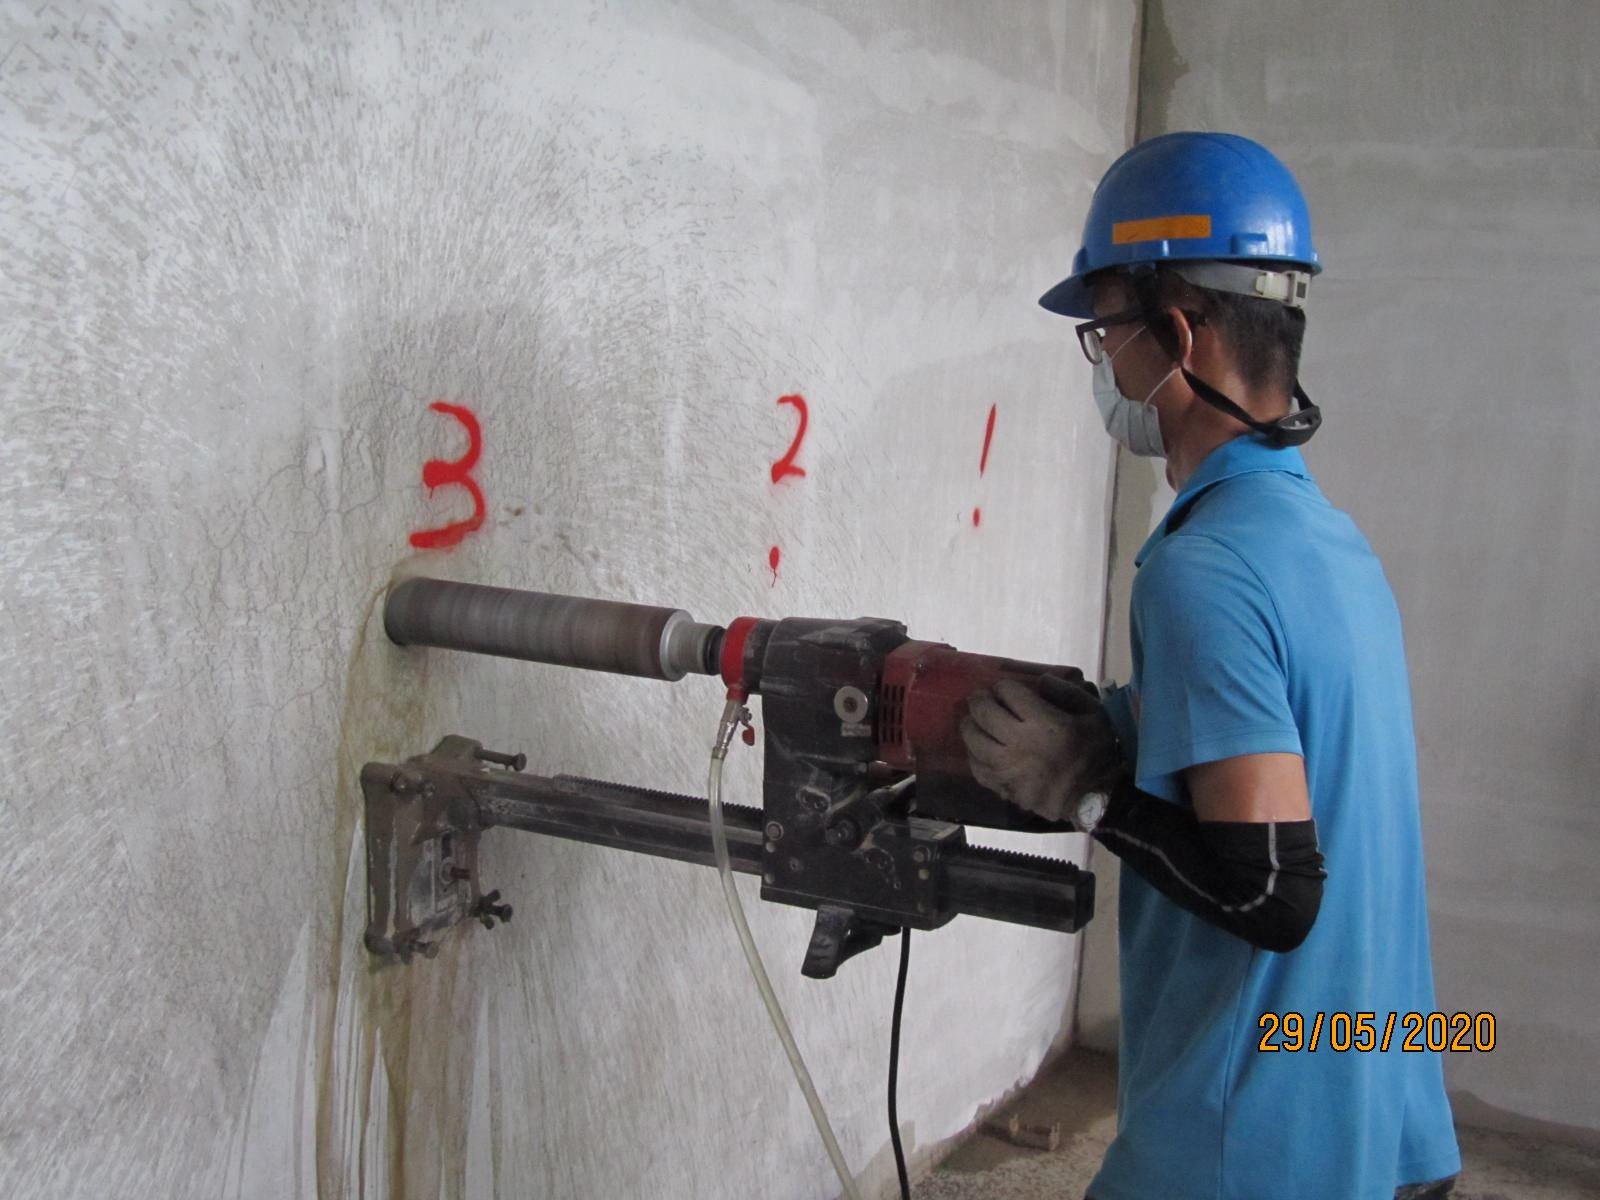 [竹南鎮第三公墓納骨塔第二座普覺堂新建工程]查核評定甲等!